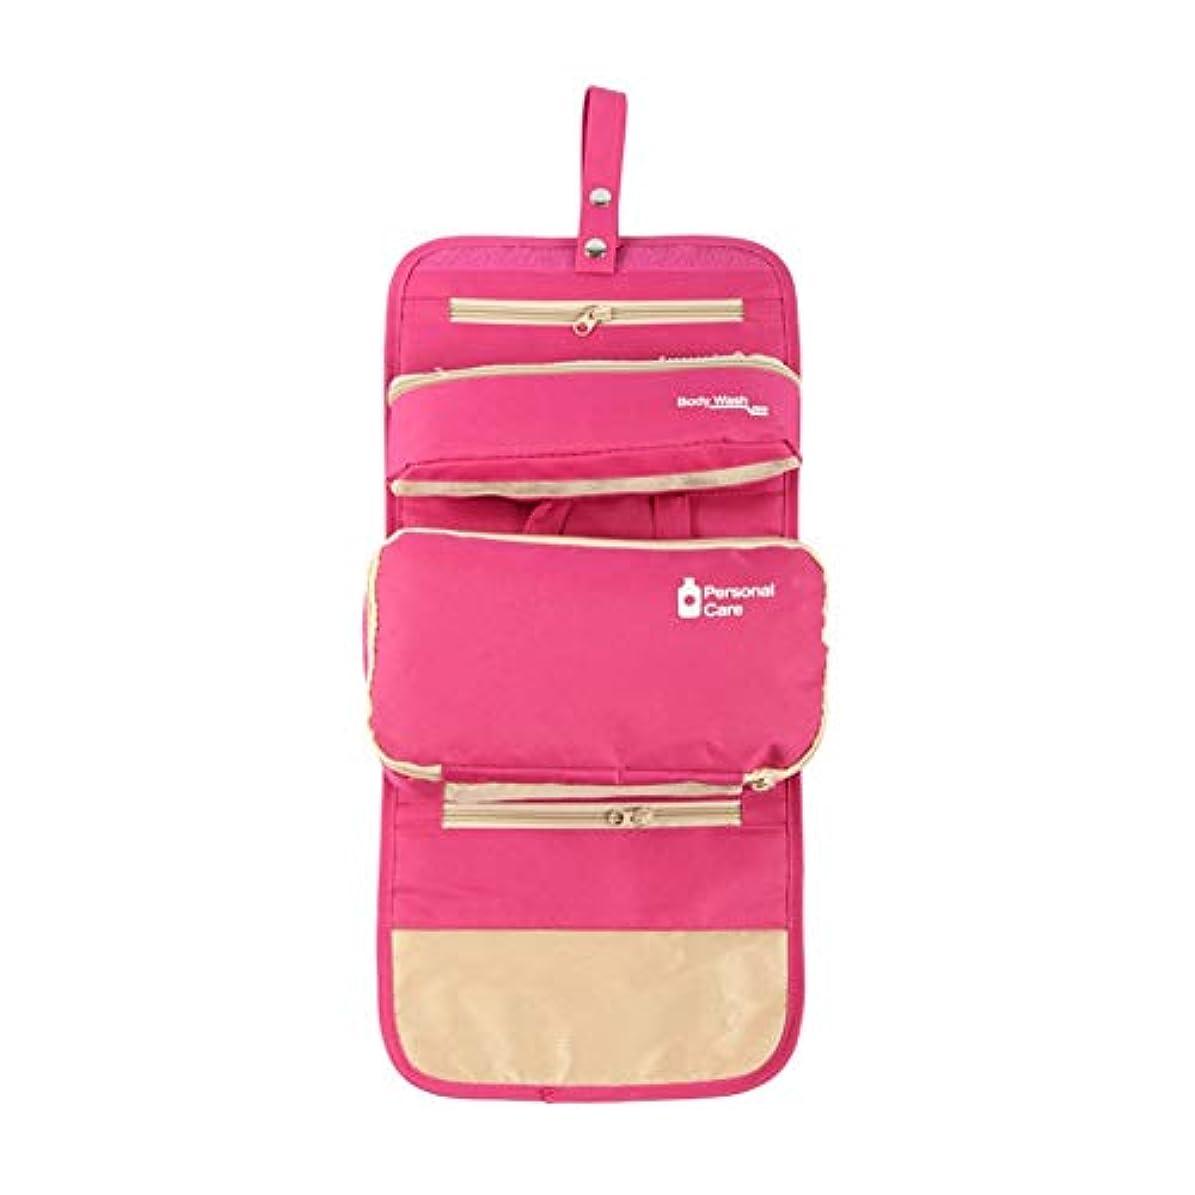 方法論カウンタ触覚特大スペース収納ビューティーボックス 女の子の女性旅行のための新しく、実用的な携帯用化粧箱およびロックおよび皿が付いている毎日の貯蔵 化粧品化粧台 (色 : ピンク)